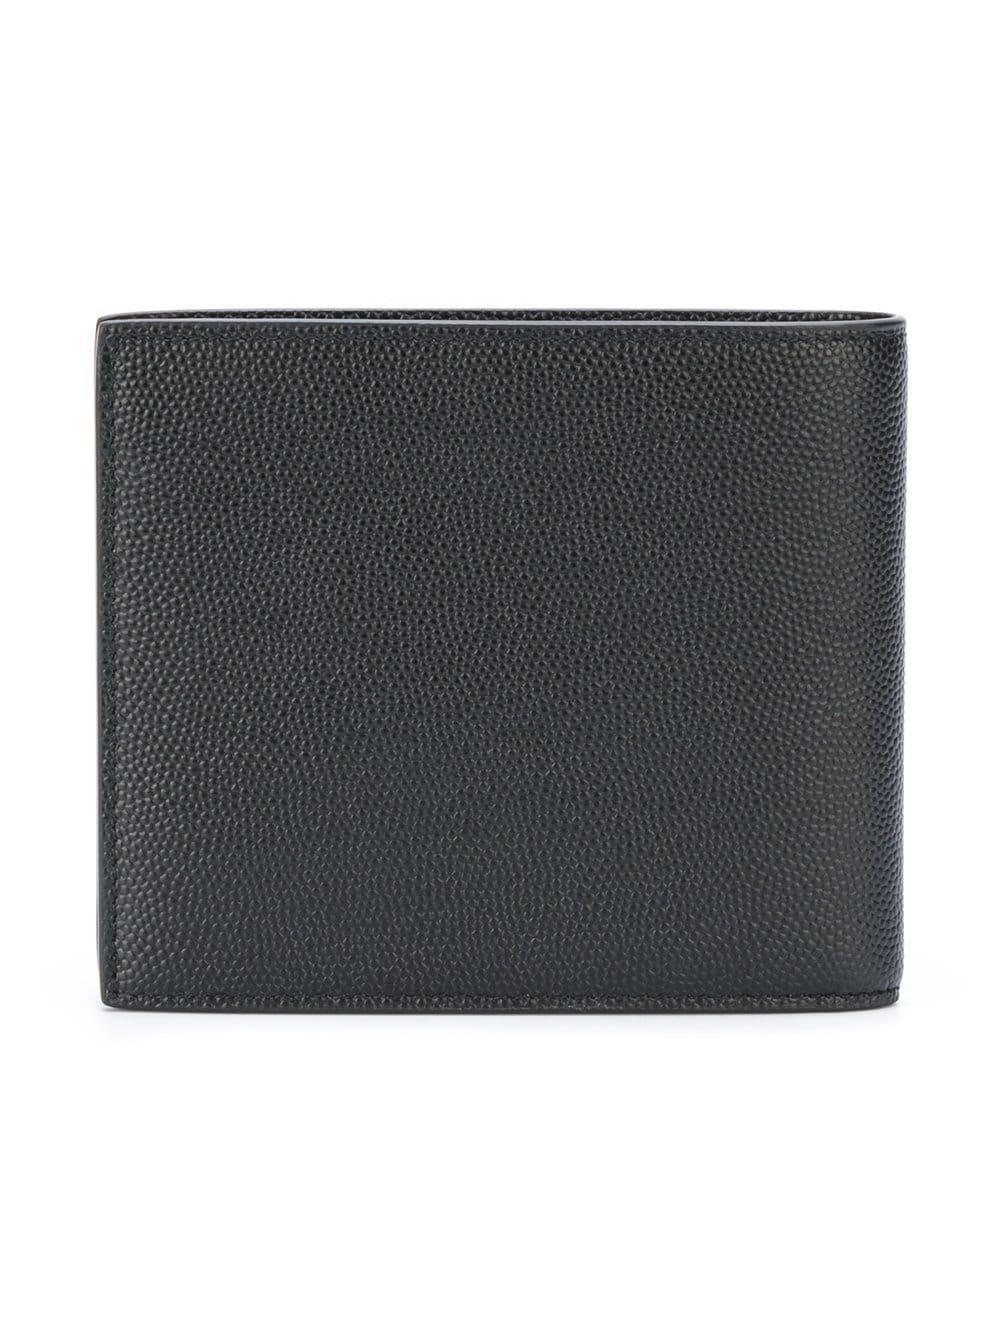 7263d2befdd Lyst - Saint Laurent Paris East/west Wallet in Black for Men - Save 37%